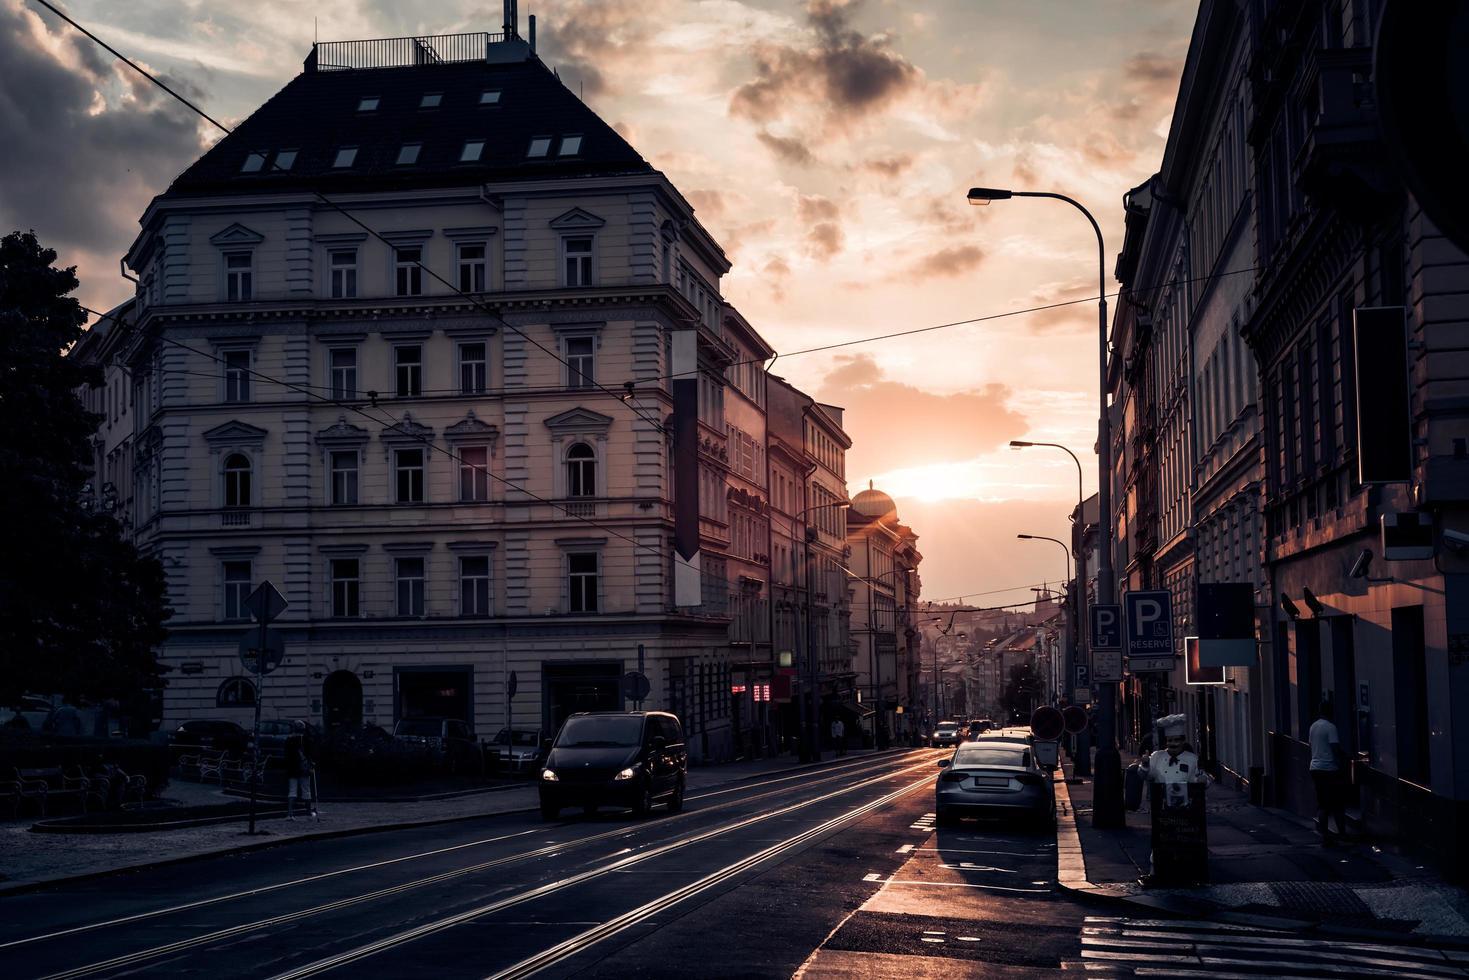 Tsjechië 2016-- uitzicht op de straat Seifertova bij zonsondergang foto